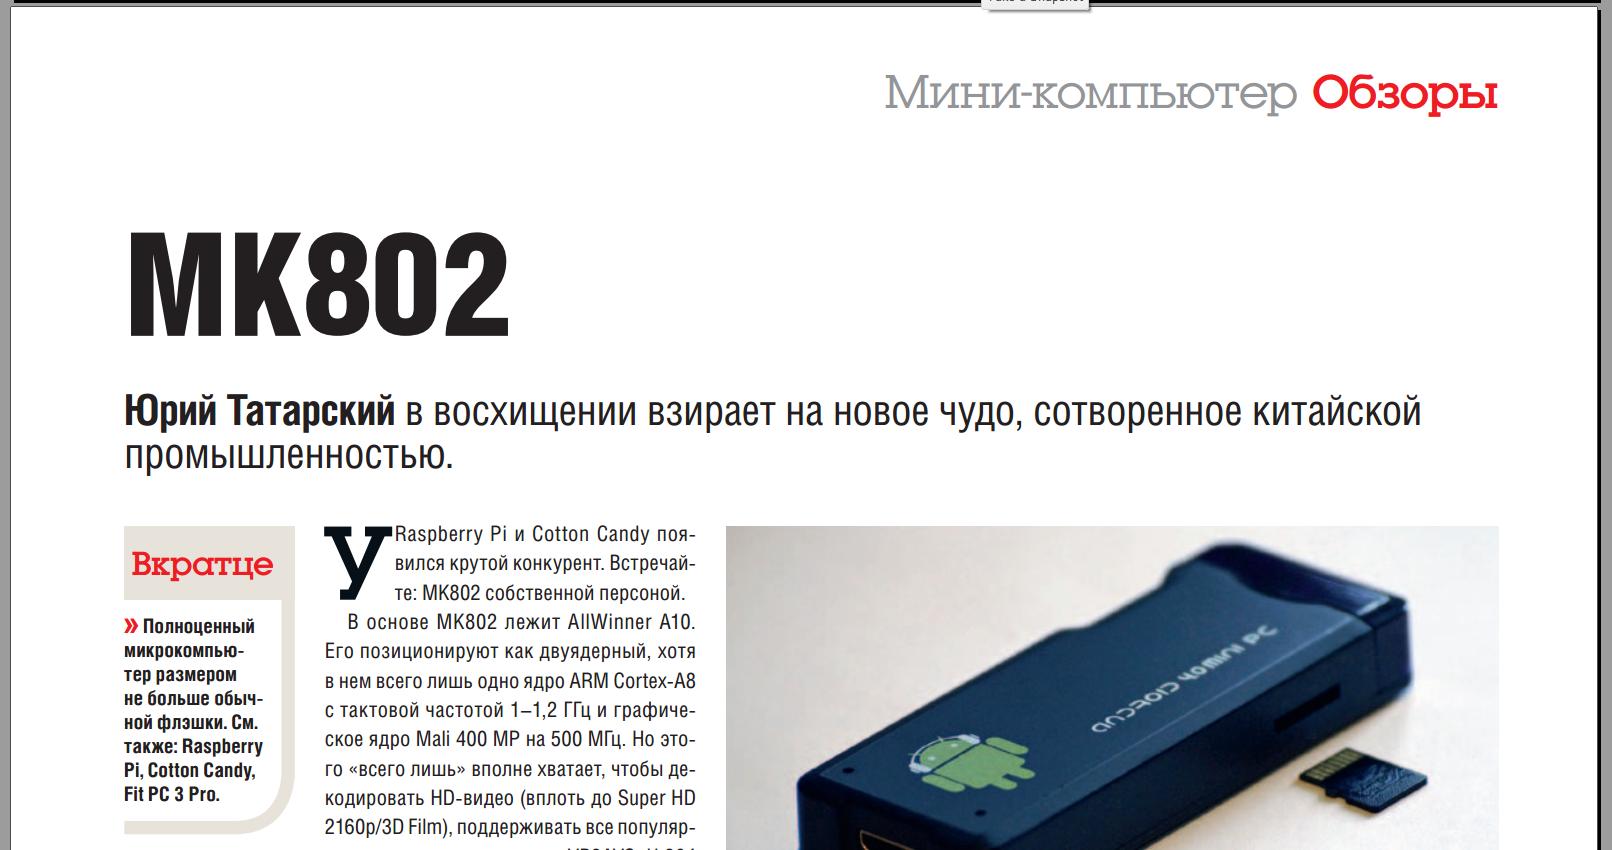 http://www.linuxformat.ru/sites/linuxformat.ru/files/usersfiles/mk802.png